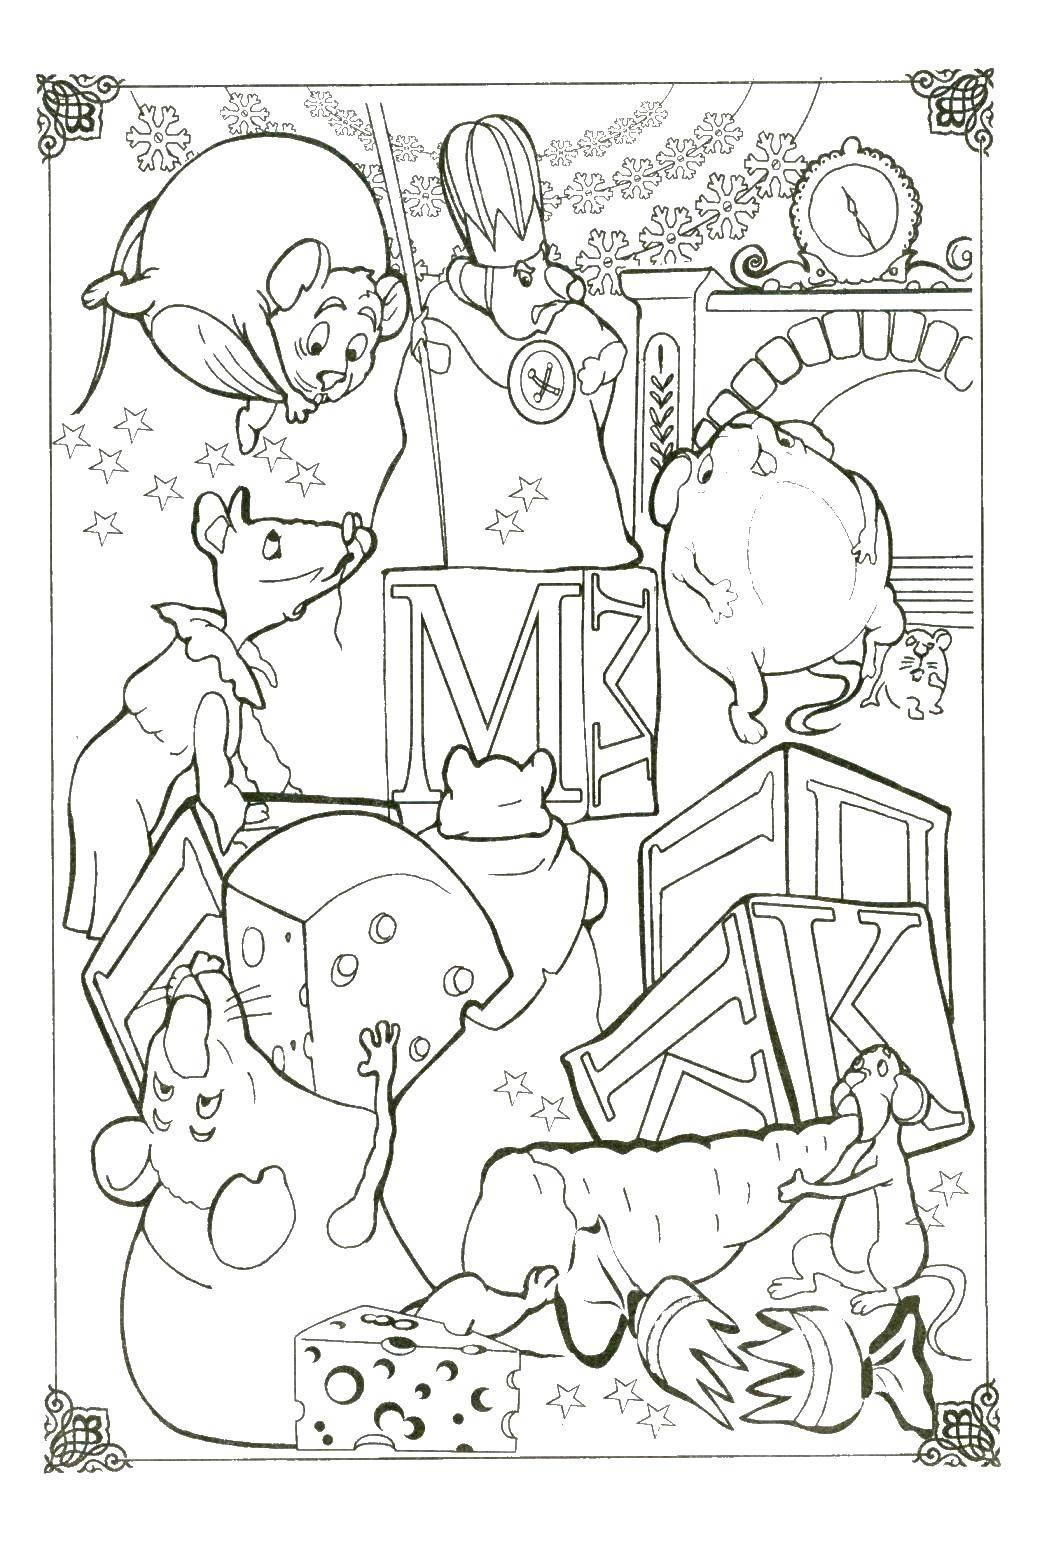 Раскраска Мышиный король и игрушки Скачать ,мышиный король, сыр, кубики,.  Распечатать